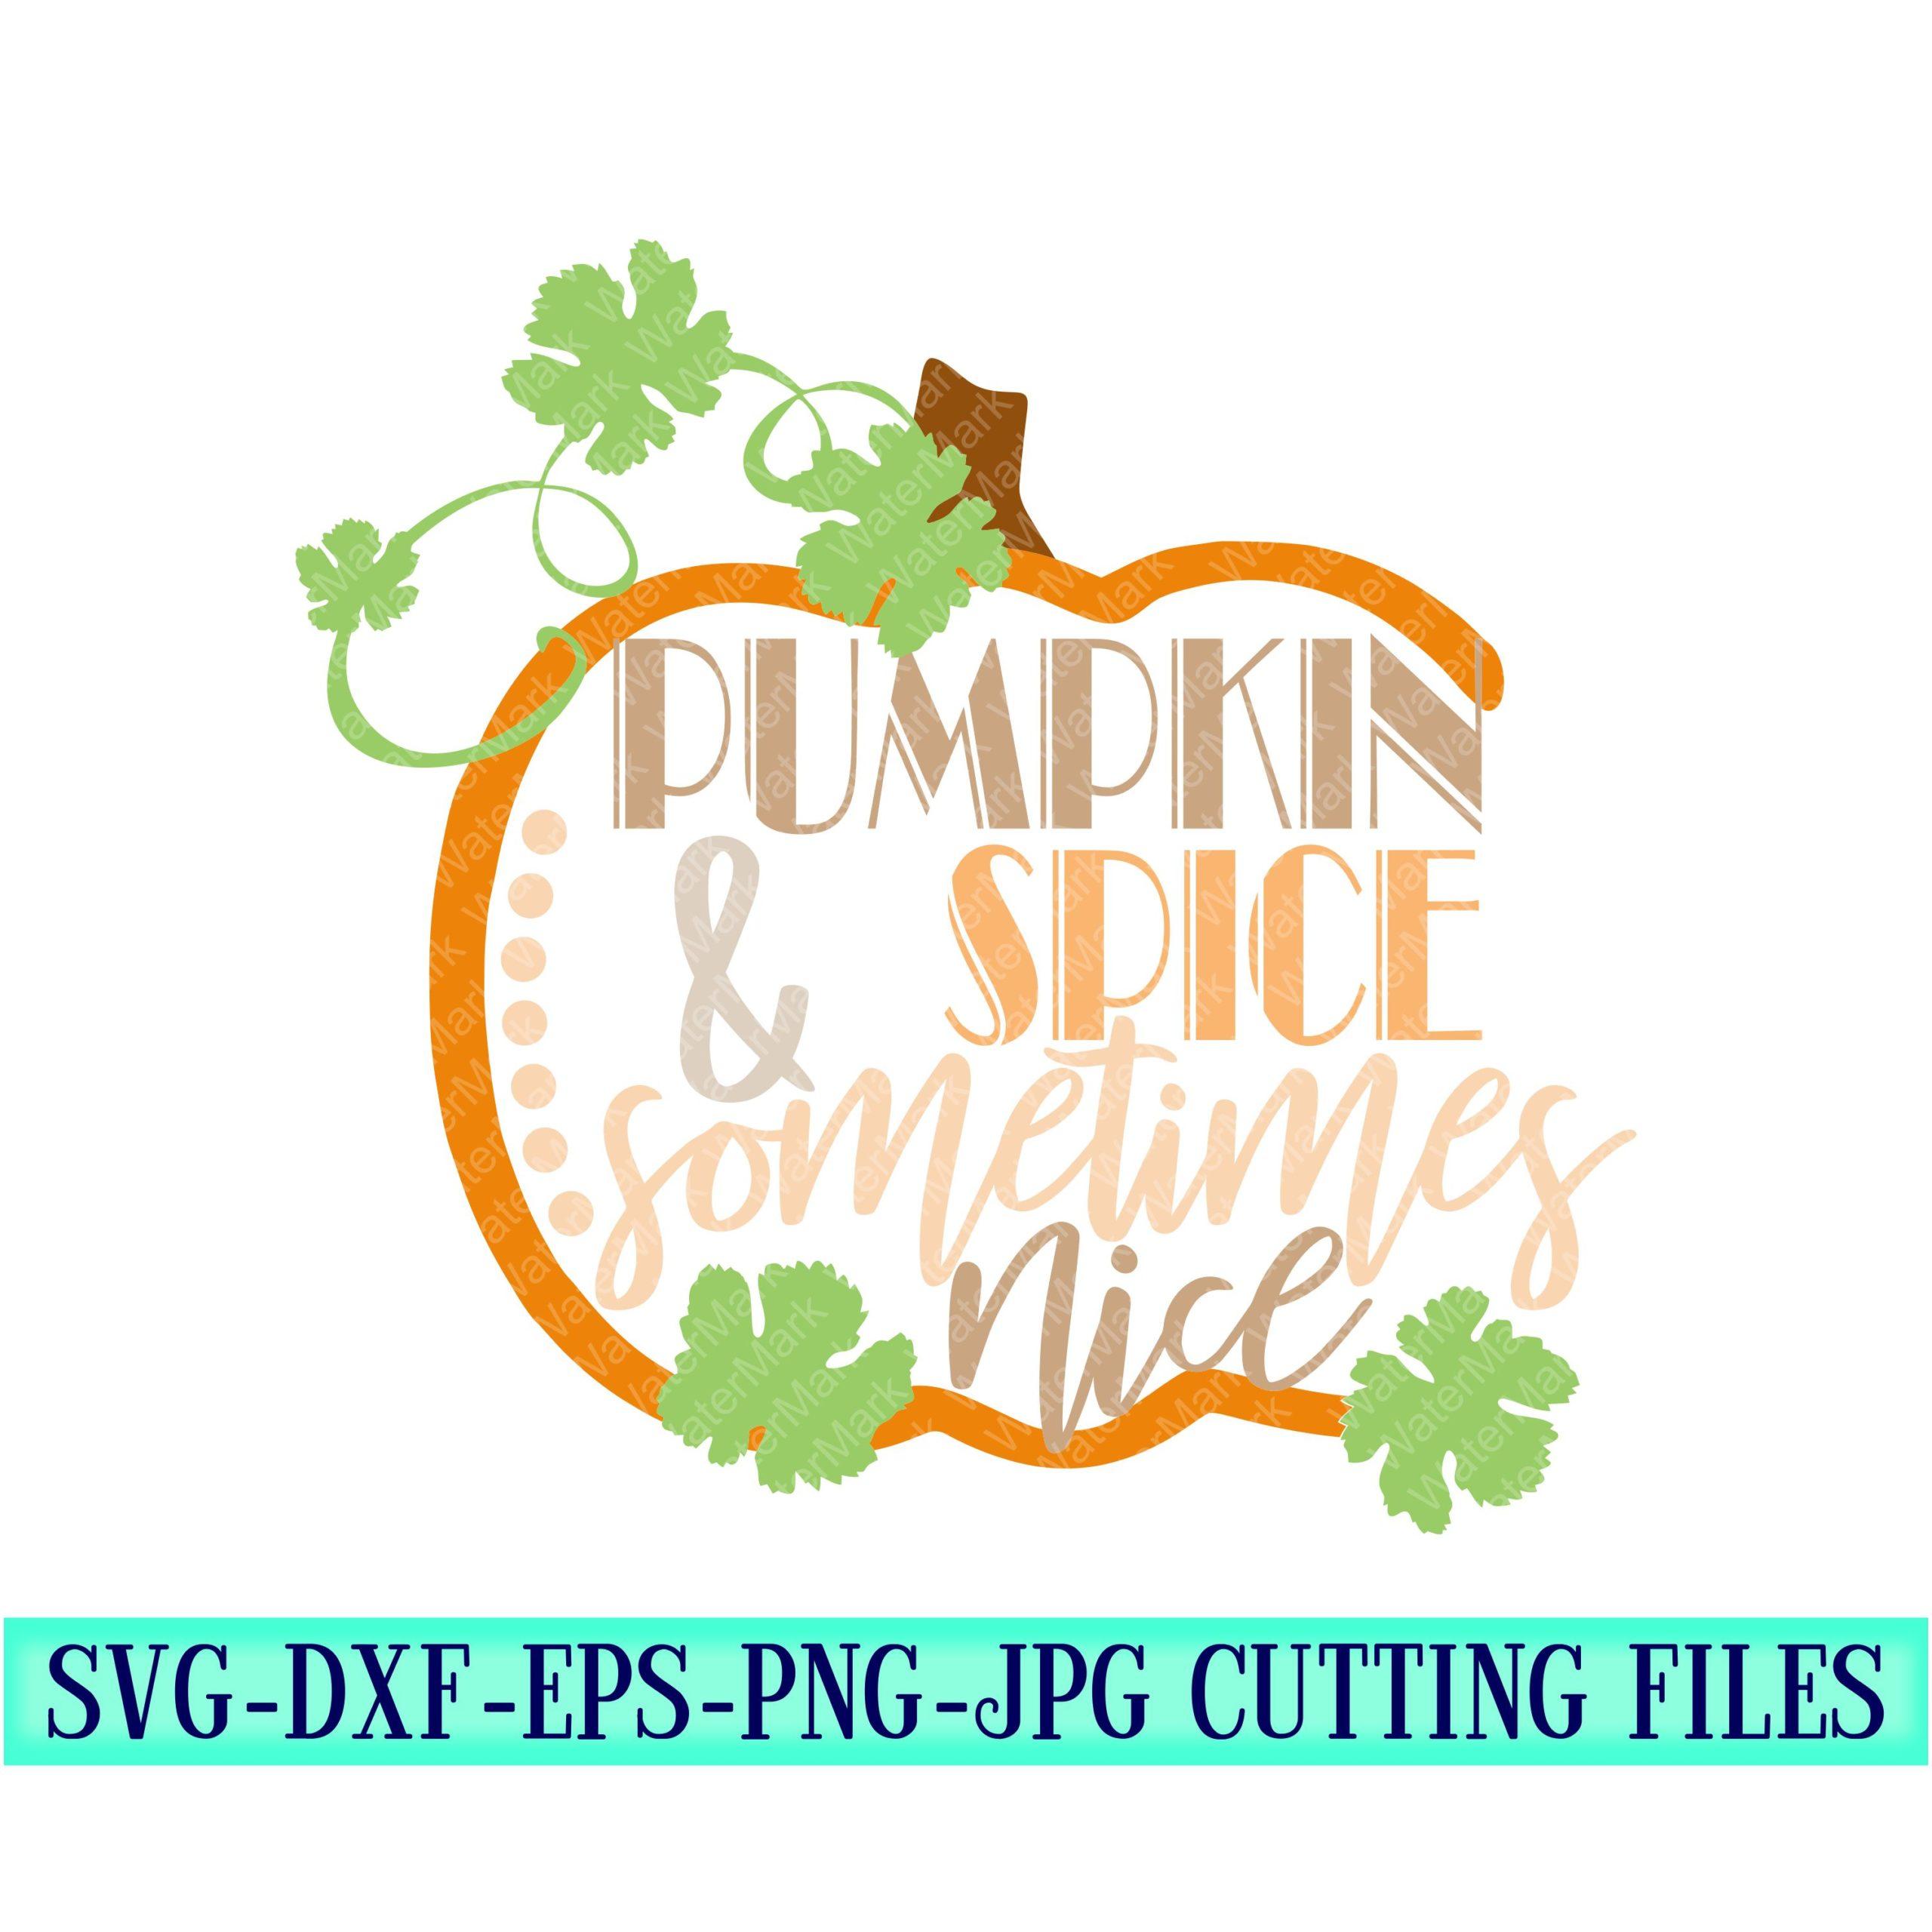 Pumpkin-spice-sometimes-nicesvg1